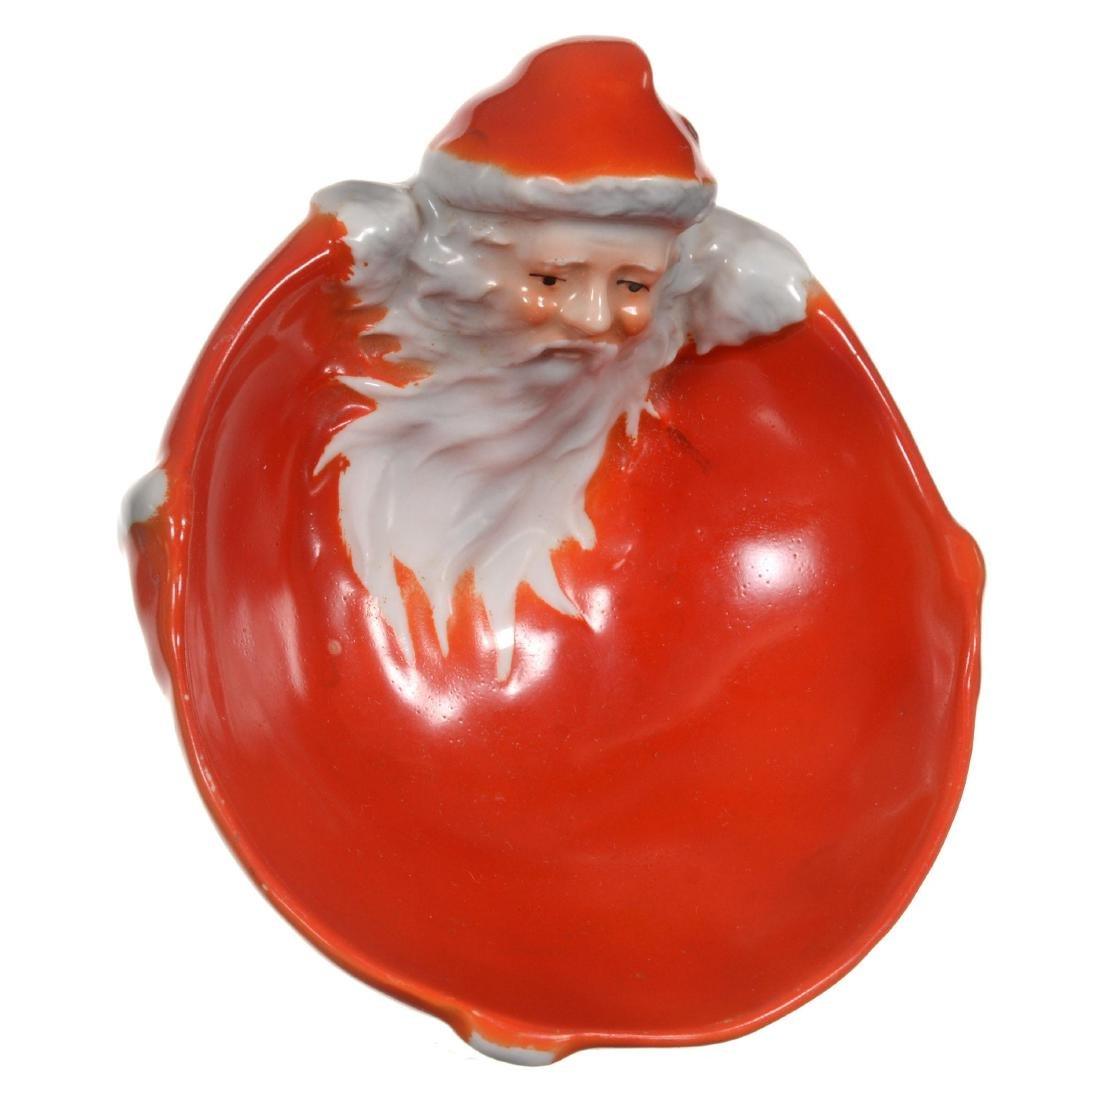 Royal Bayreuth Santa Claus Bowl - 2